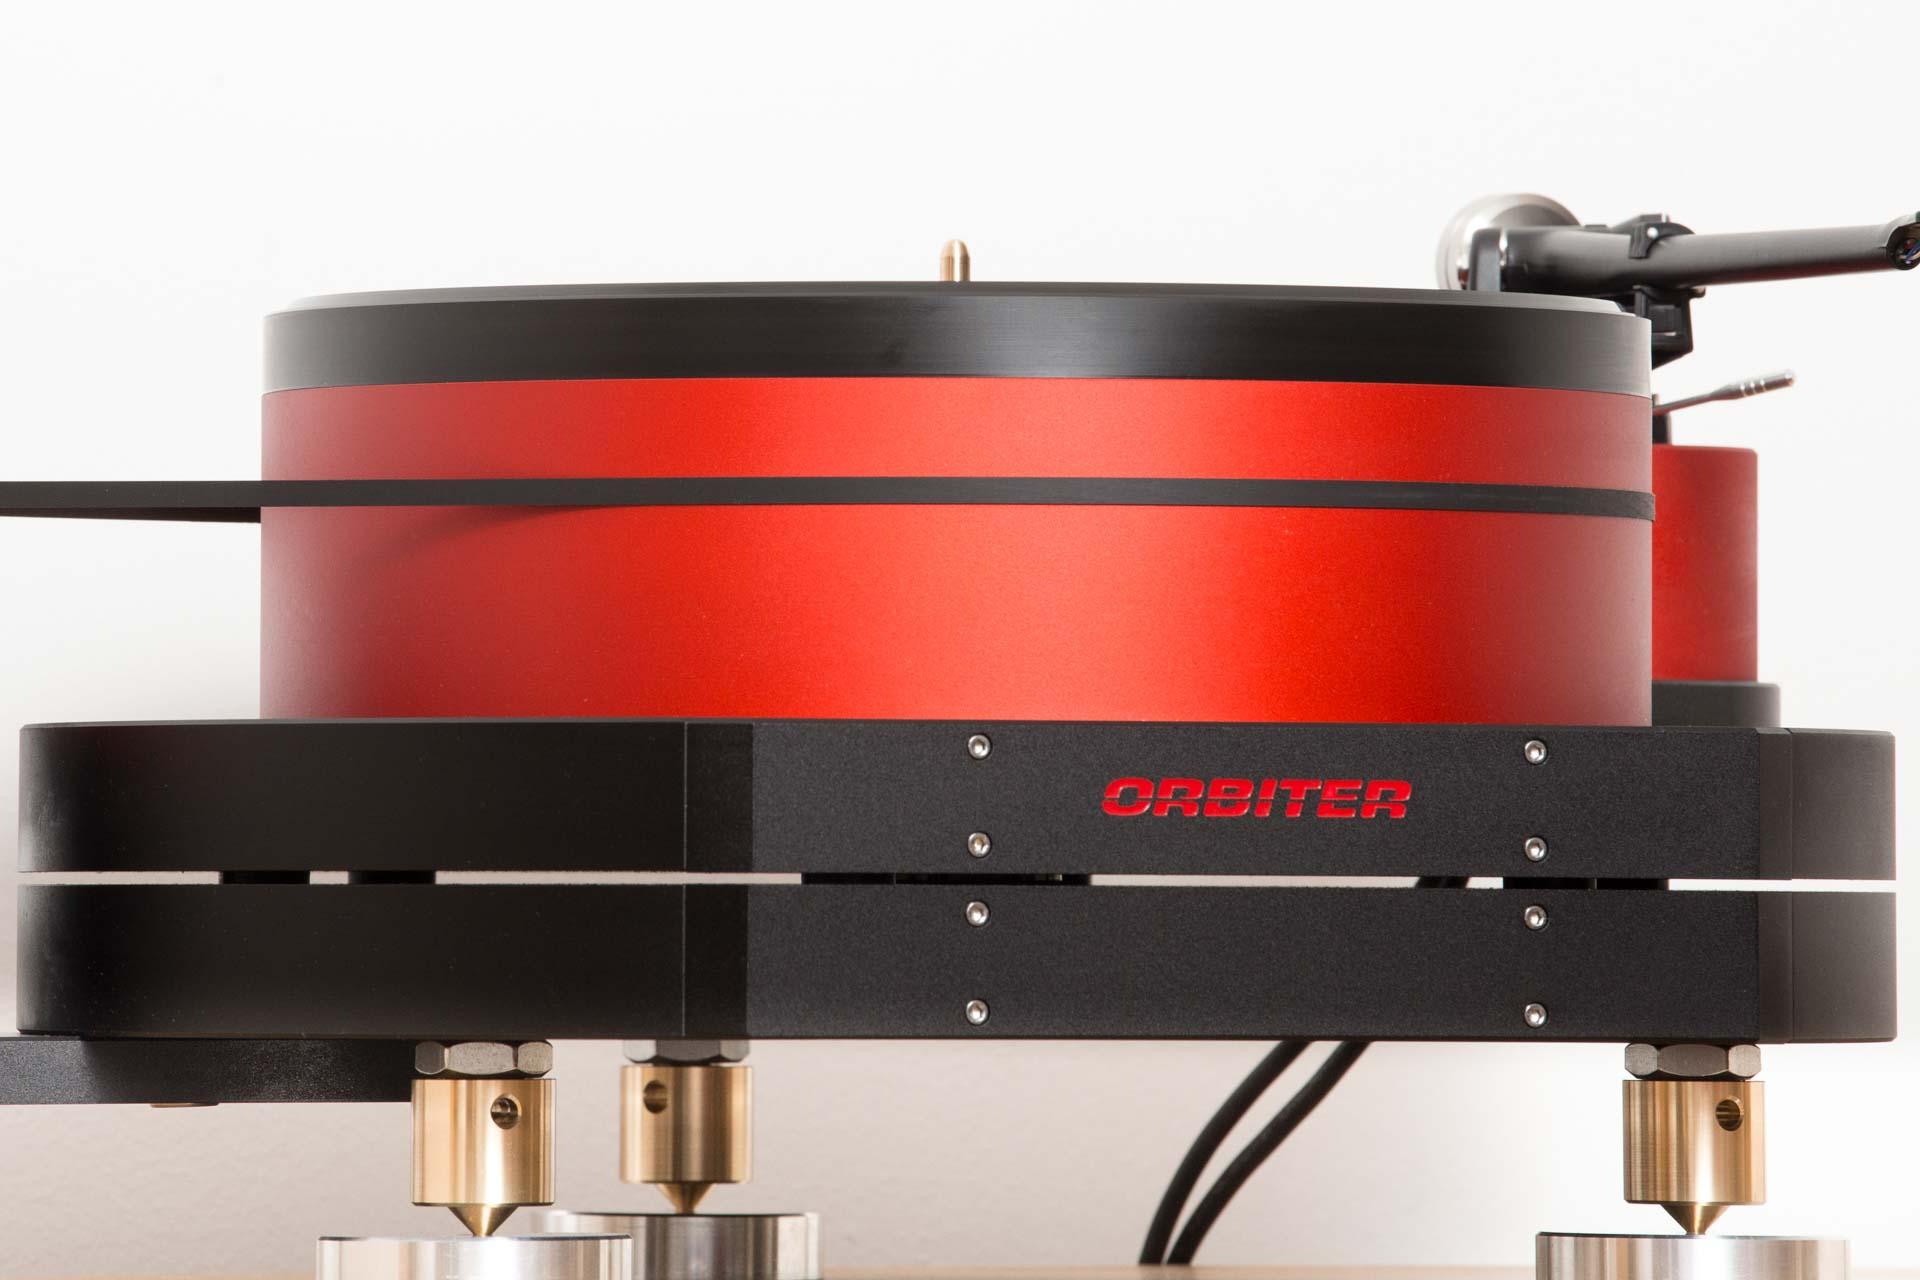 Orbiter_Audio_TS_Entkopplung